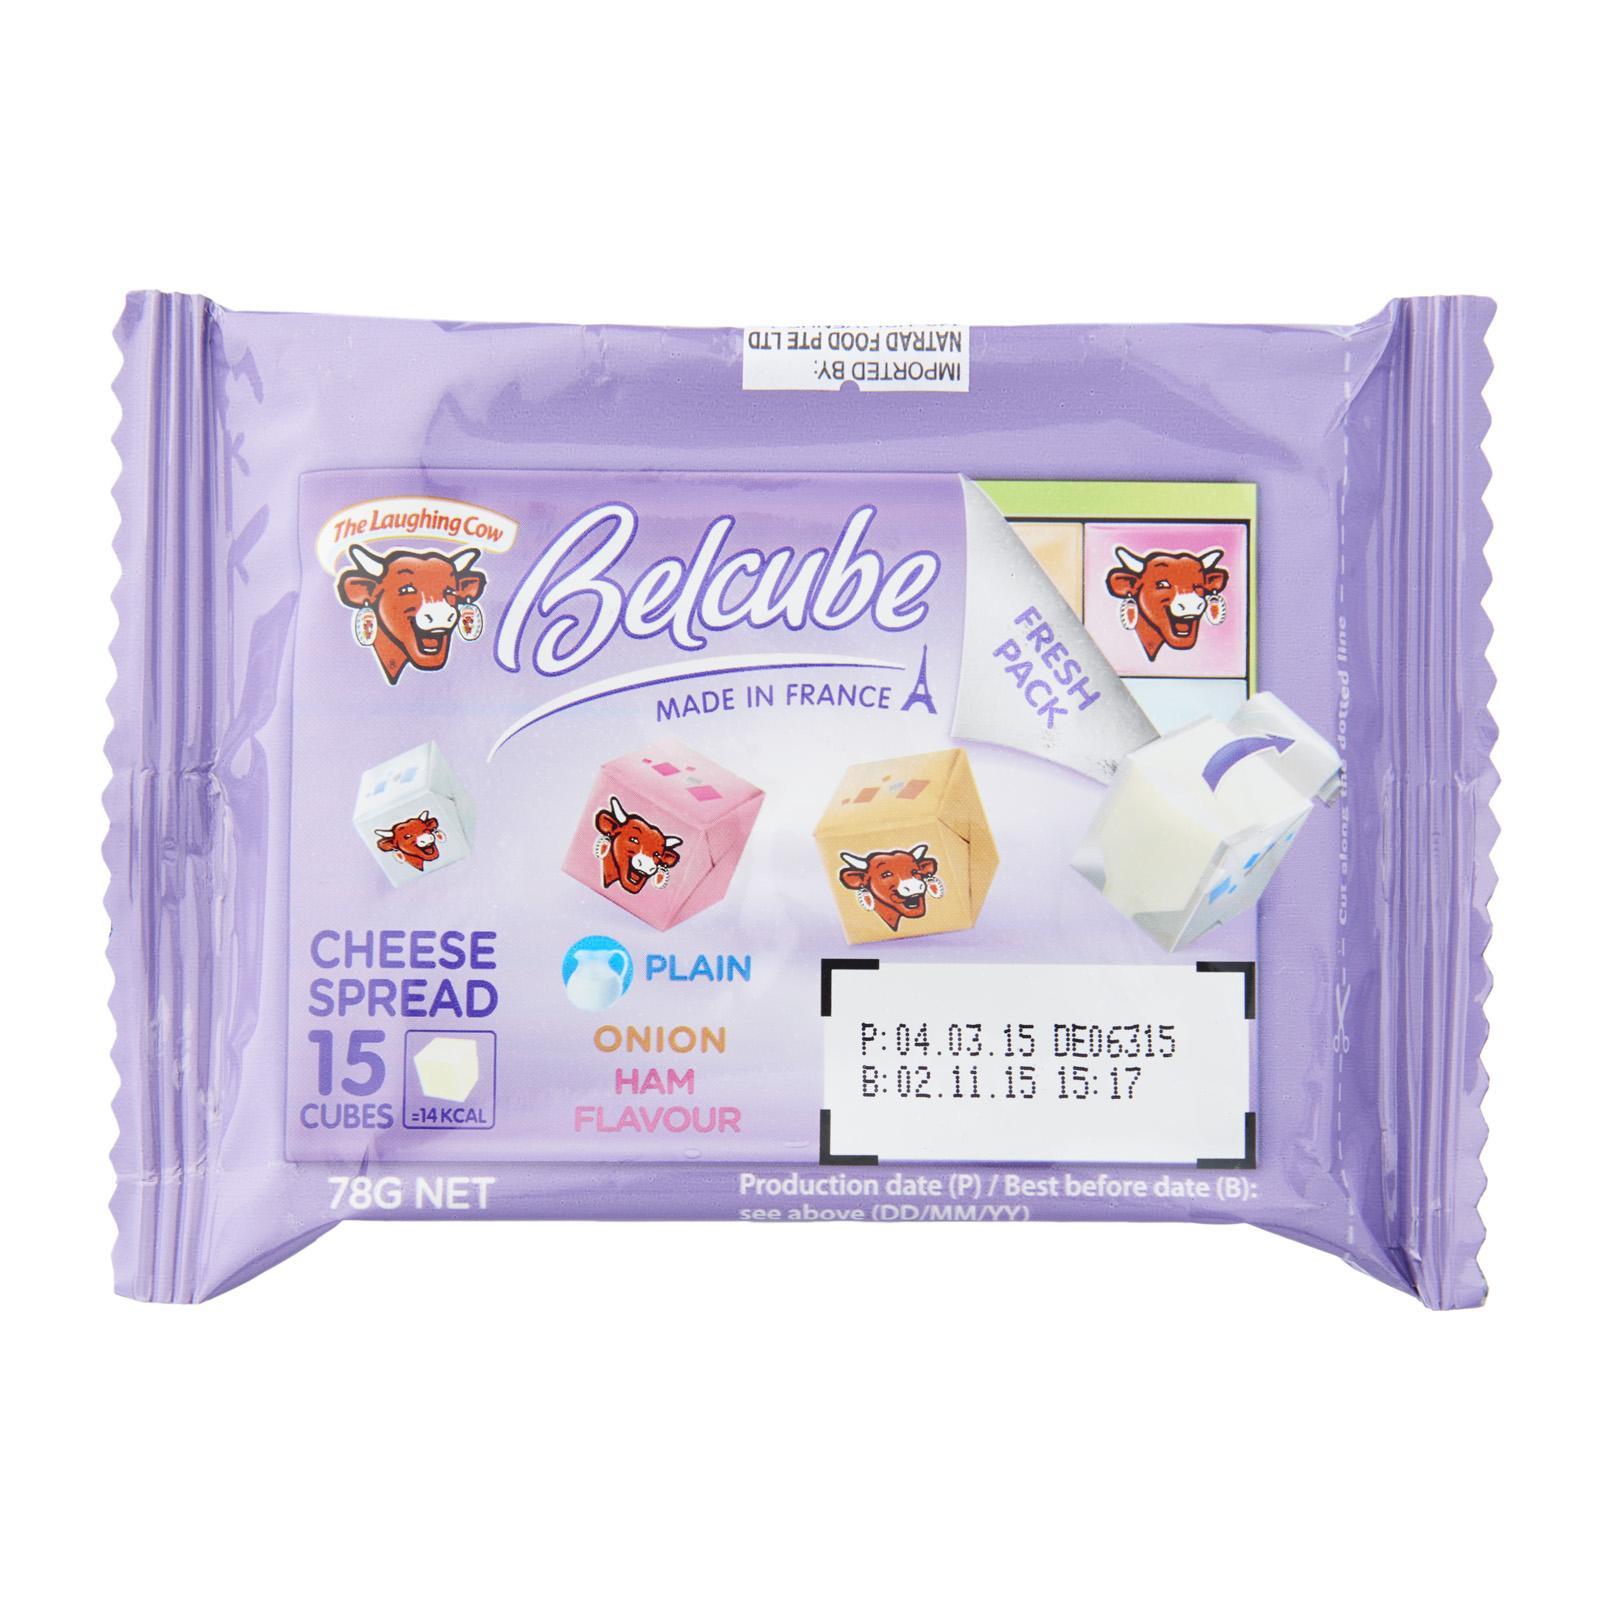 Belcube Purple 15 cubes (Plain Onion and Ham Flavour Cheese)